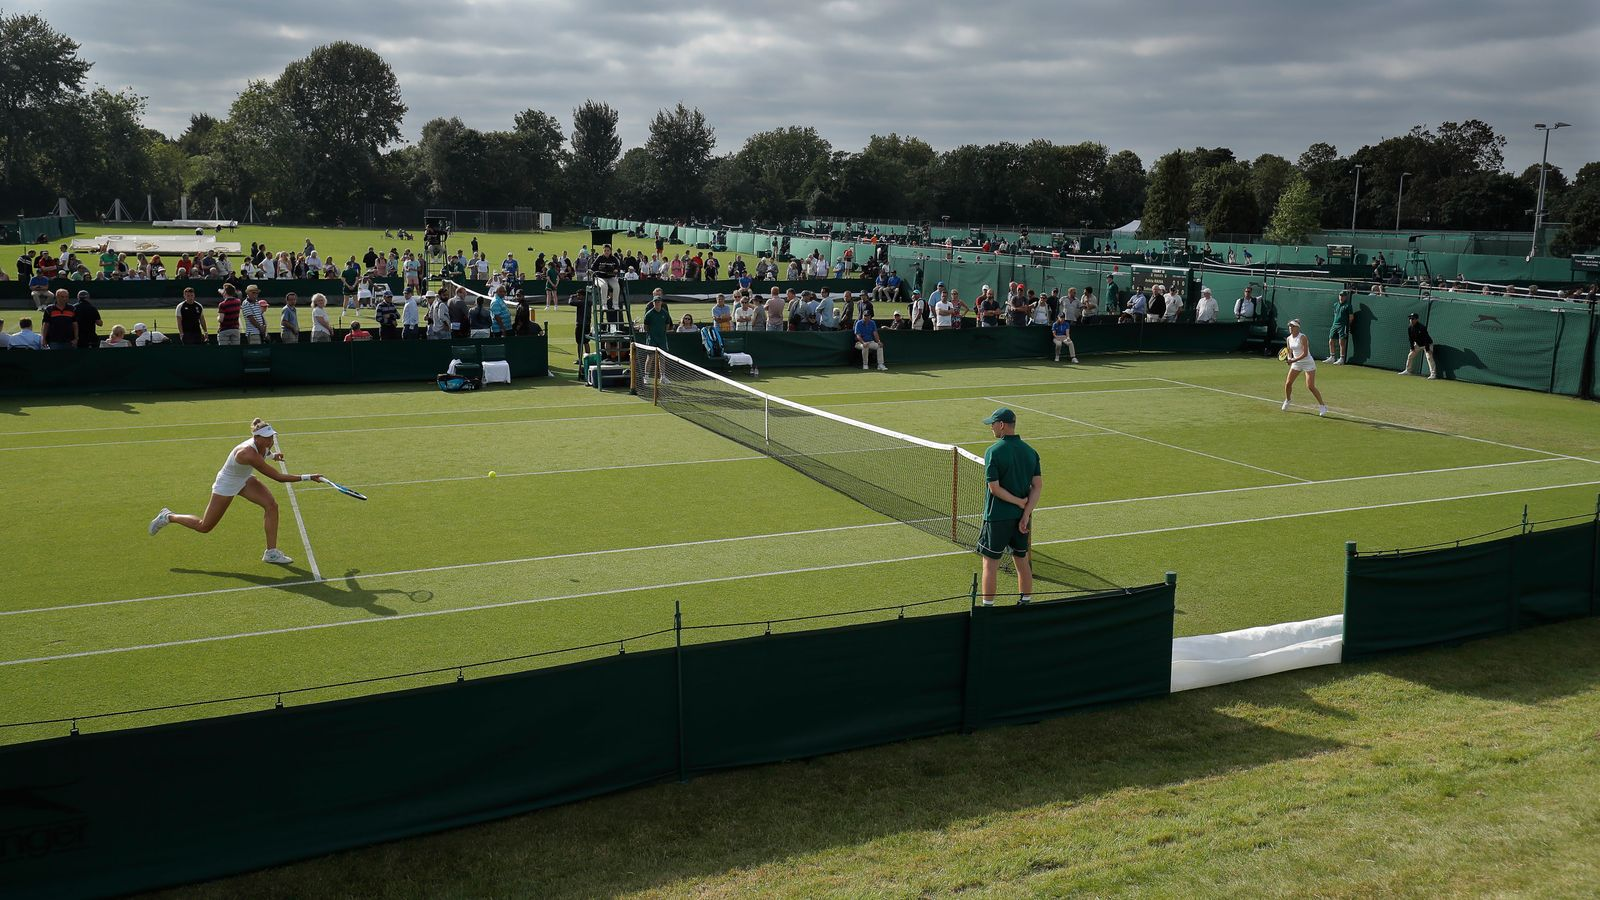 LTA pone a disposición de la comunidad británica de tenis apoyo financiero durante una pandemia | Noticias de tenis 6